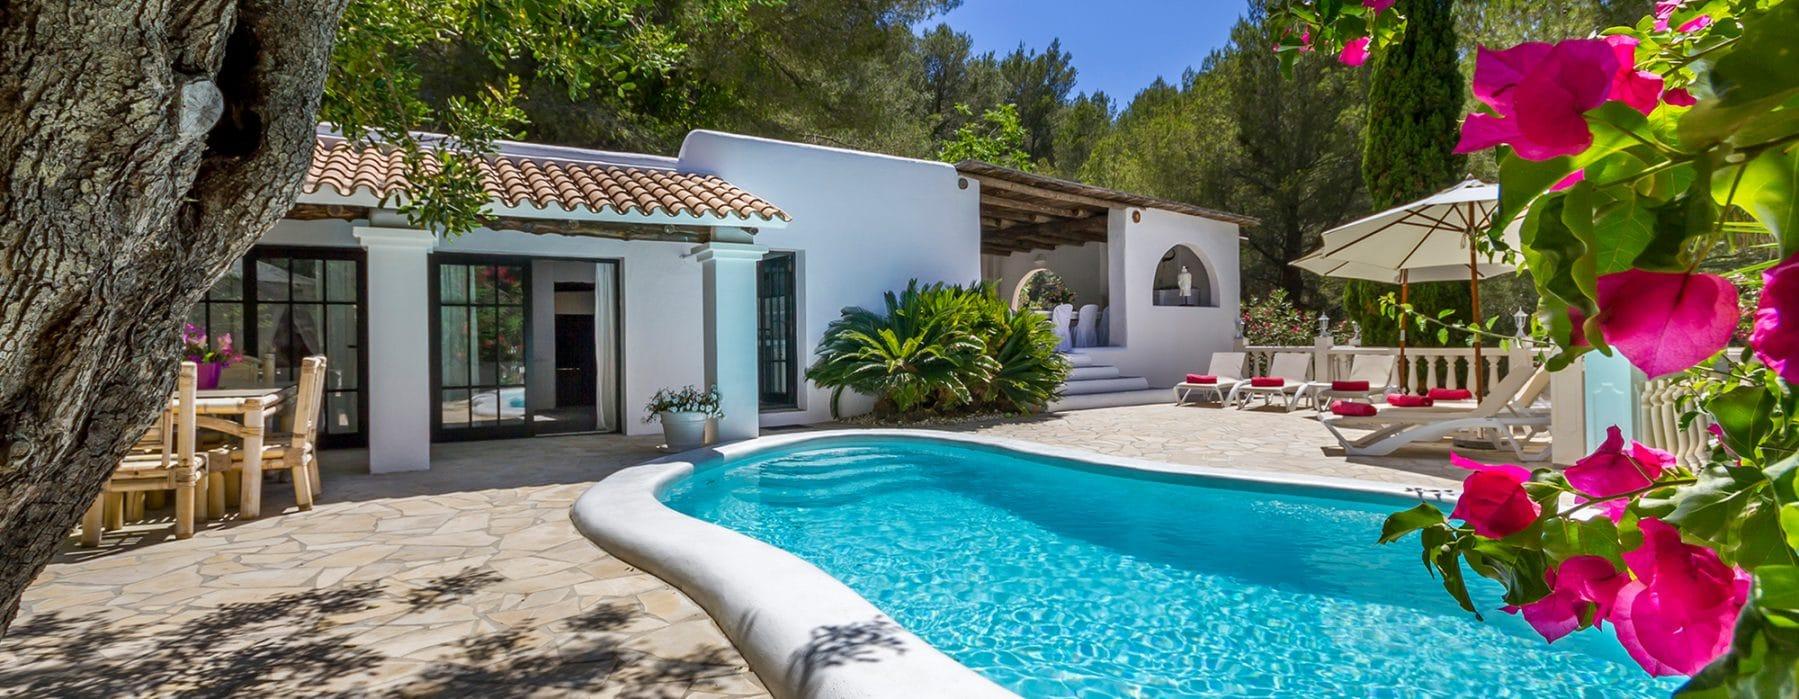 Villa Fantasia - Ibiza Selected